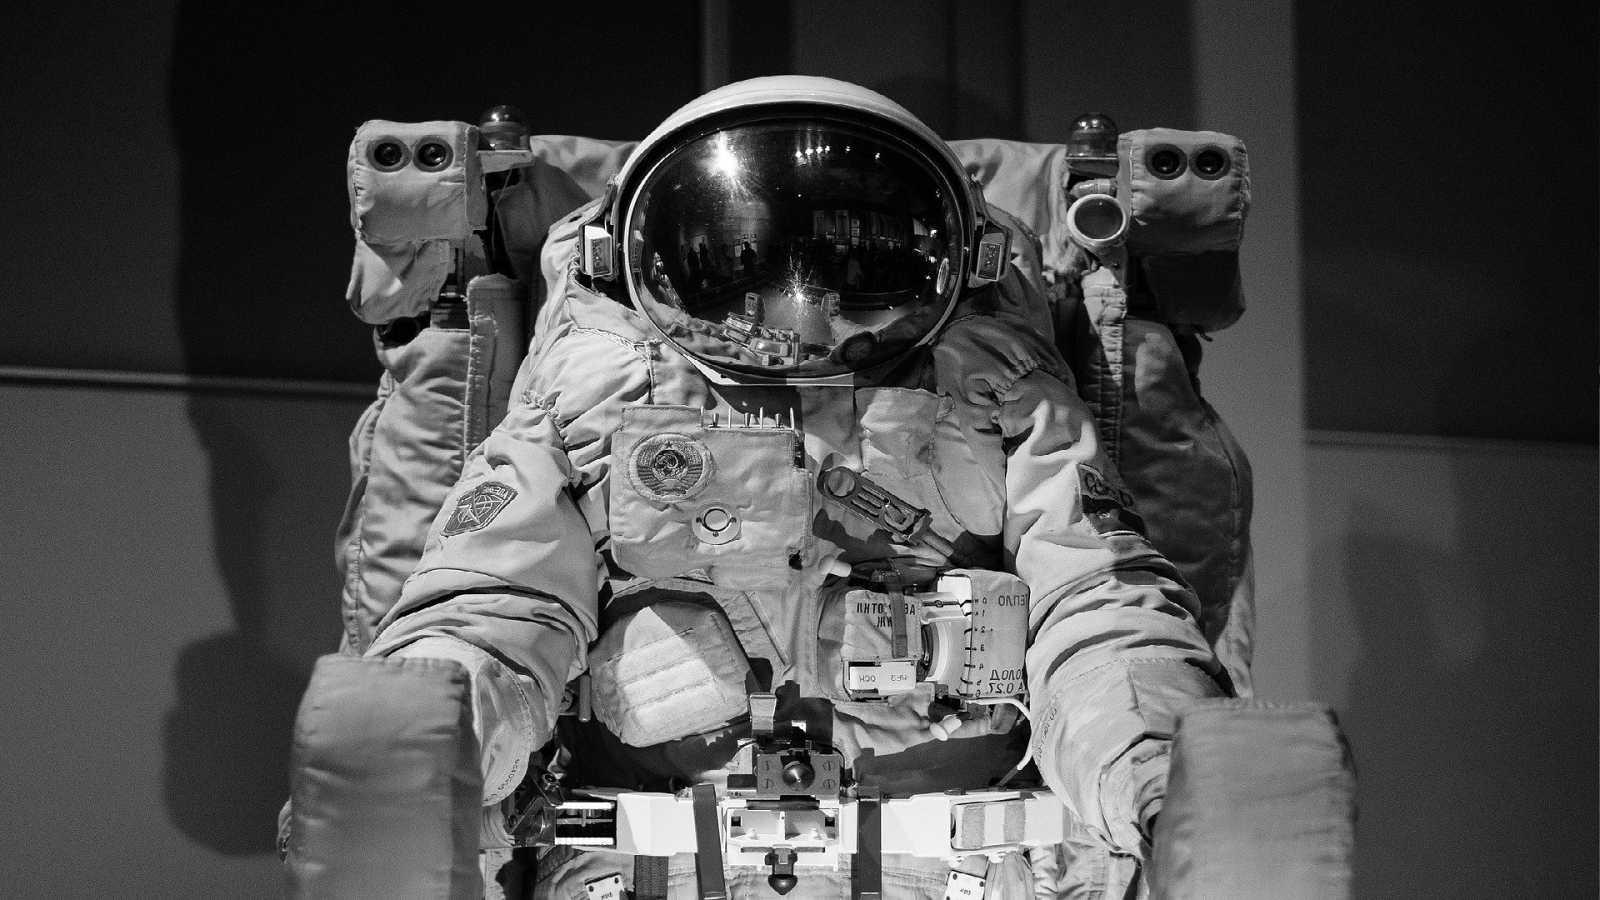 El laboratorio de JAL - Ceguera espacial - 29/04/21 - Escuchar ahora